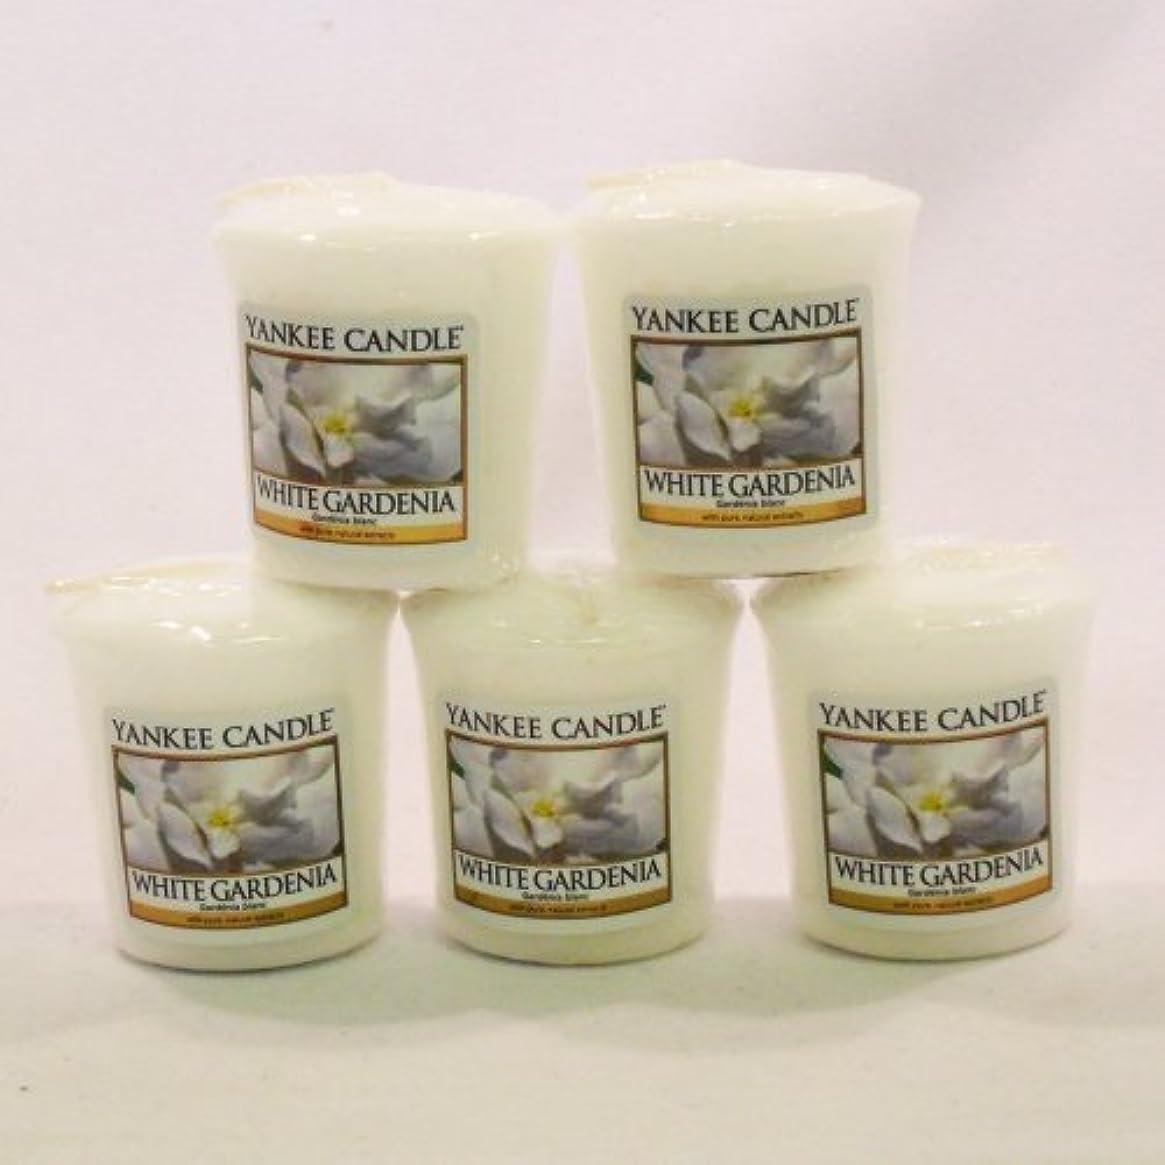 行為ブルジョン鳴らすYankee Candleサンプラーvotives-yankee Candle – 5 xホワイトGardenia Votive Samplers – 新しい香りfor 2012 。